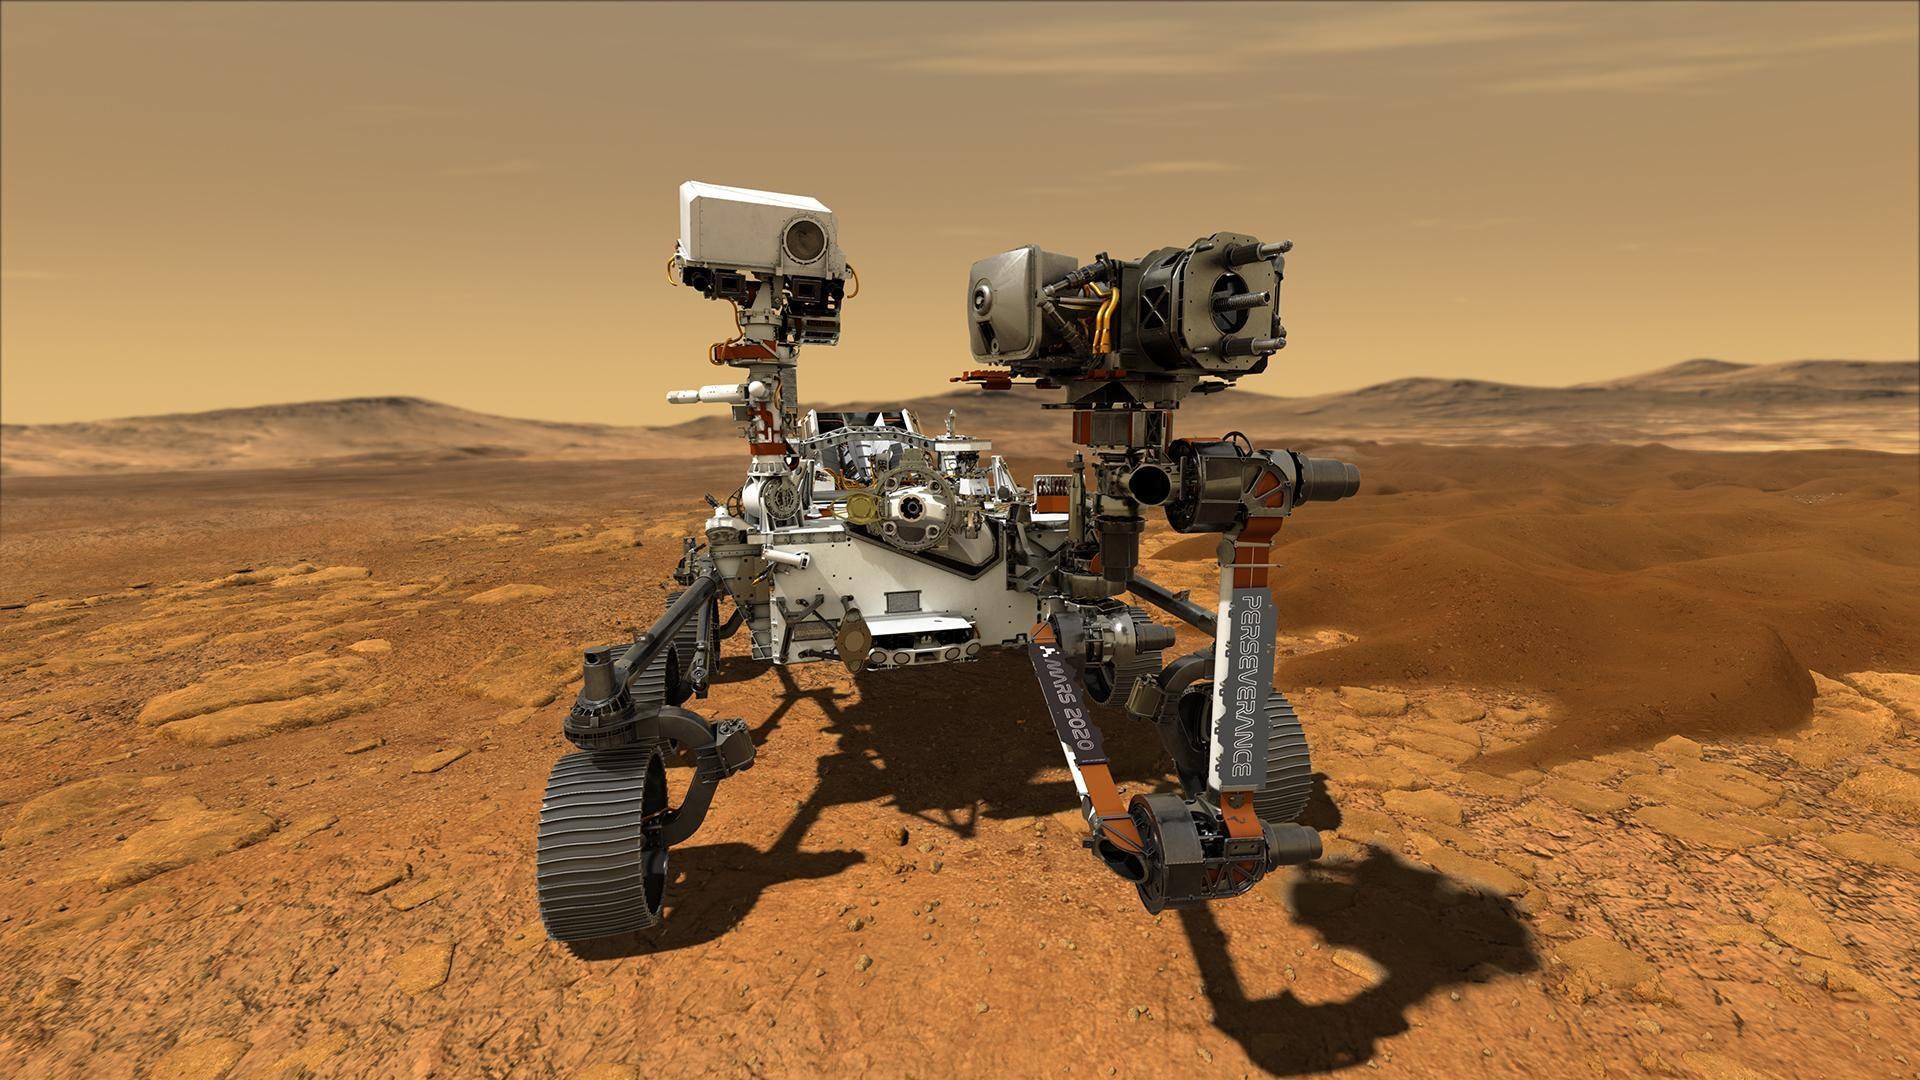 Robô da NASA Equipado Com Microfones Para Captar Áudio em Marte